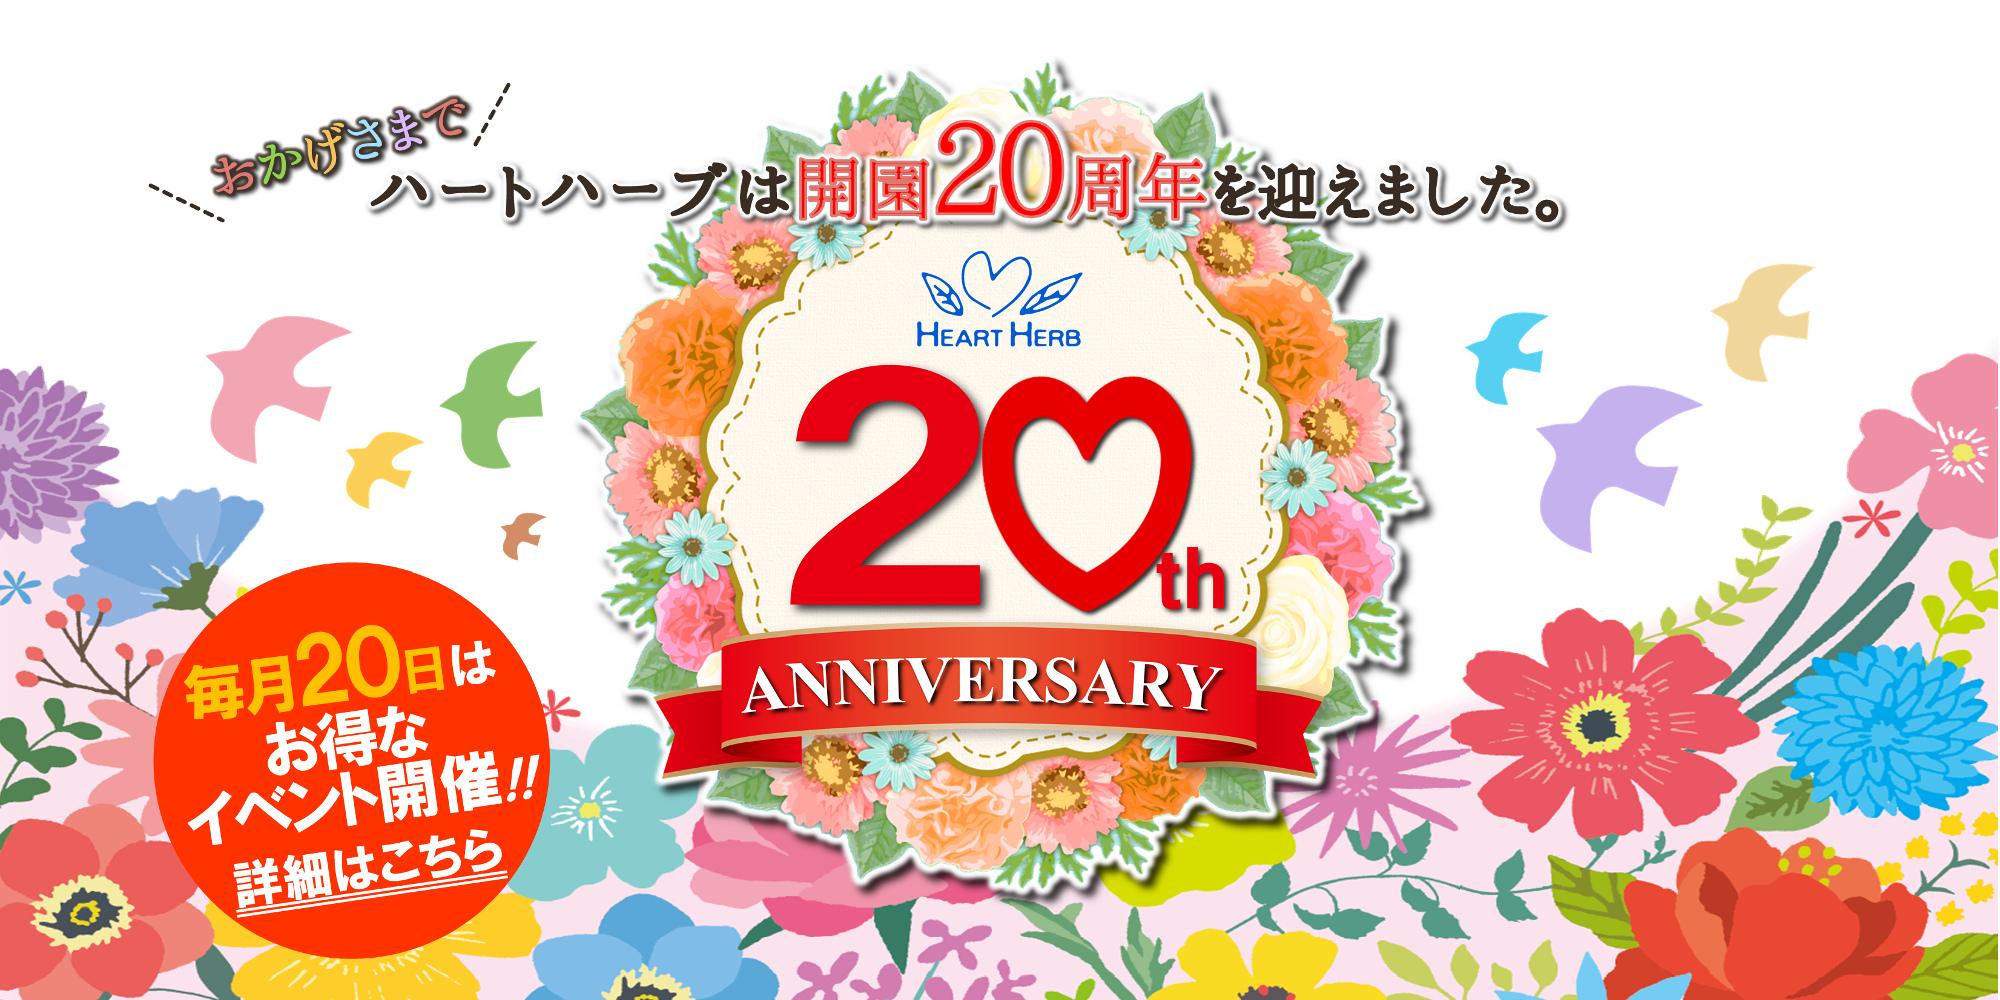 開園20周年企画10月20日開催